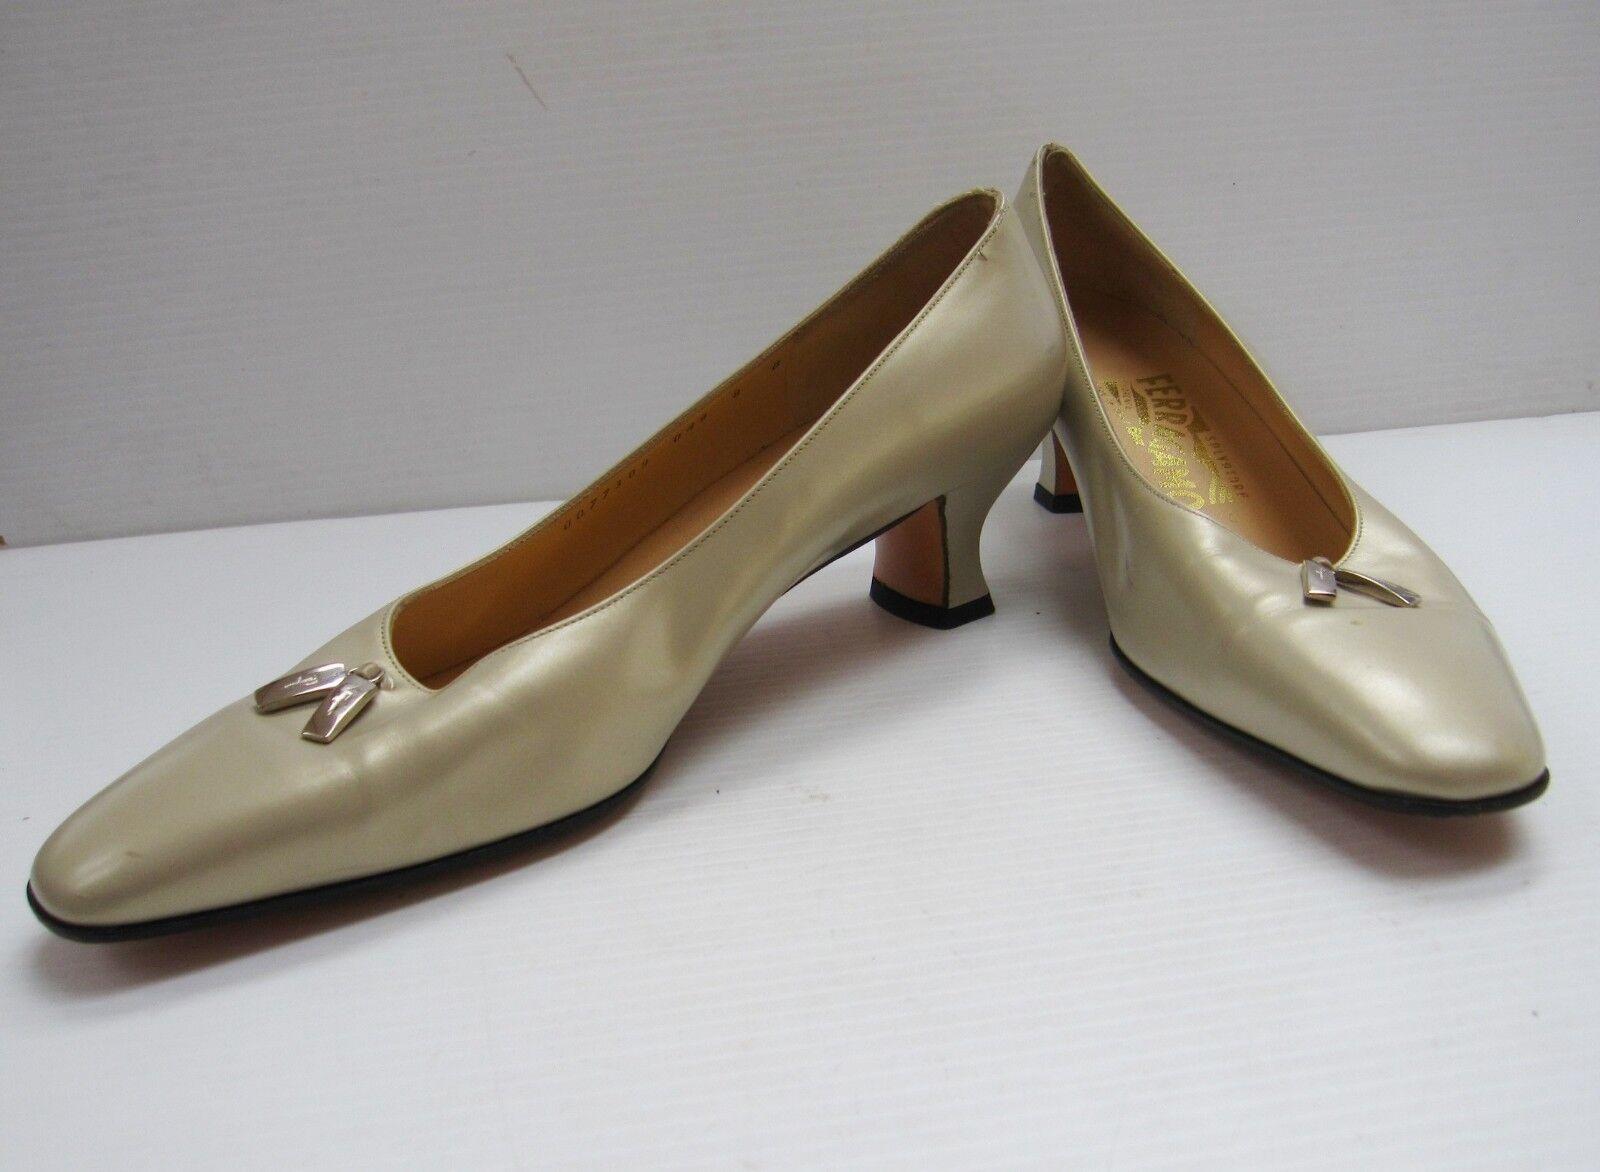 Zapatos De Cuero Salvatore Ferragamo de Florencia Hecho Hecho Hecho en Italia Talla B Crema Gatito  exclusivo